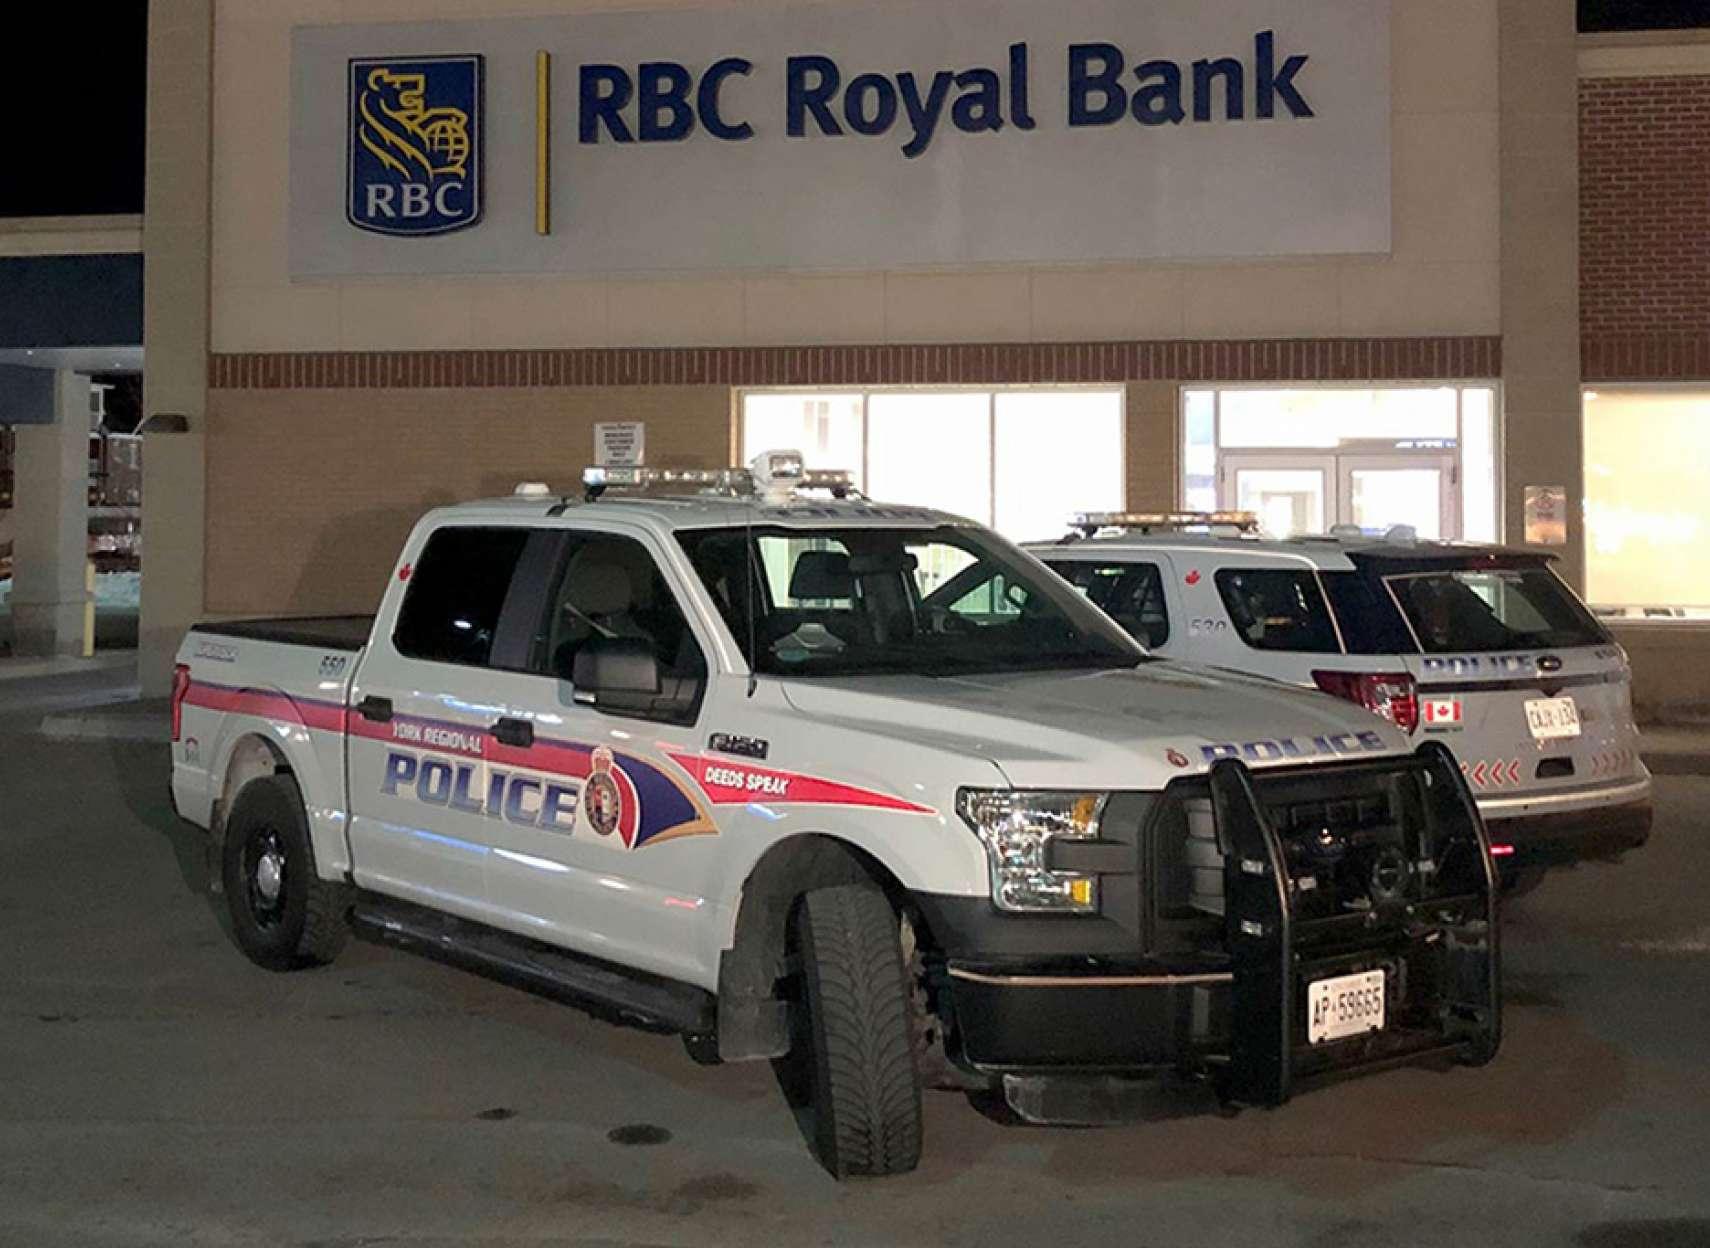 اخبار-تورنتو-سه-نوجوان-حمله-کننده-مسلح-به-بانک-دستگیر-شدند